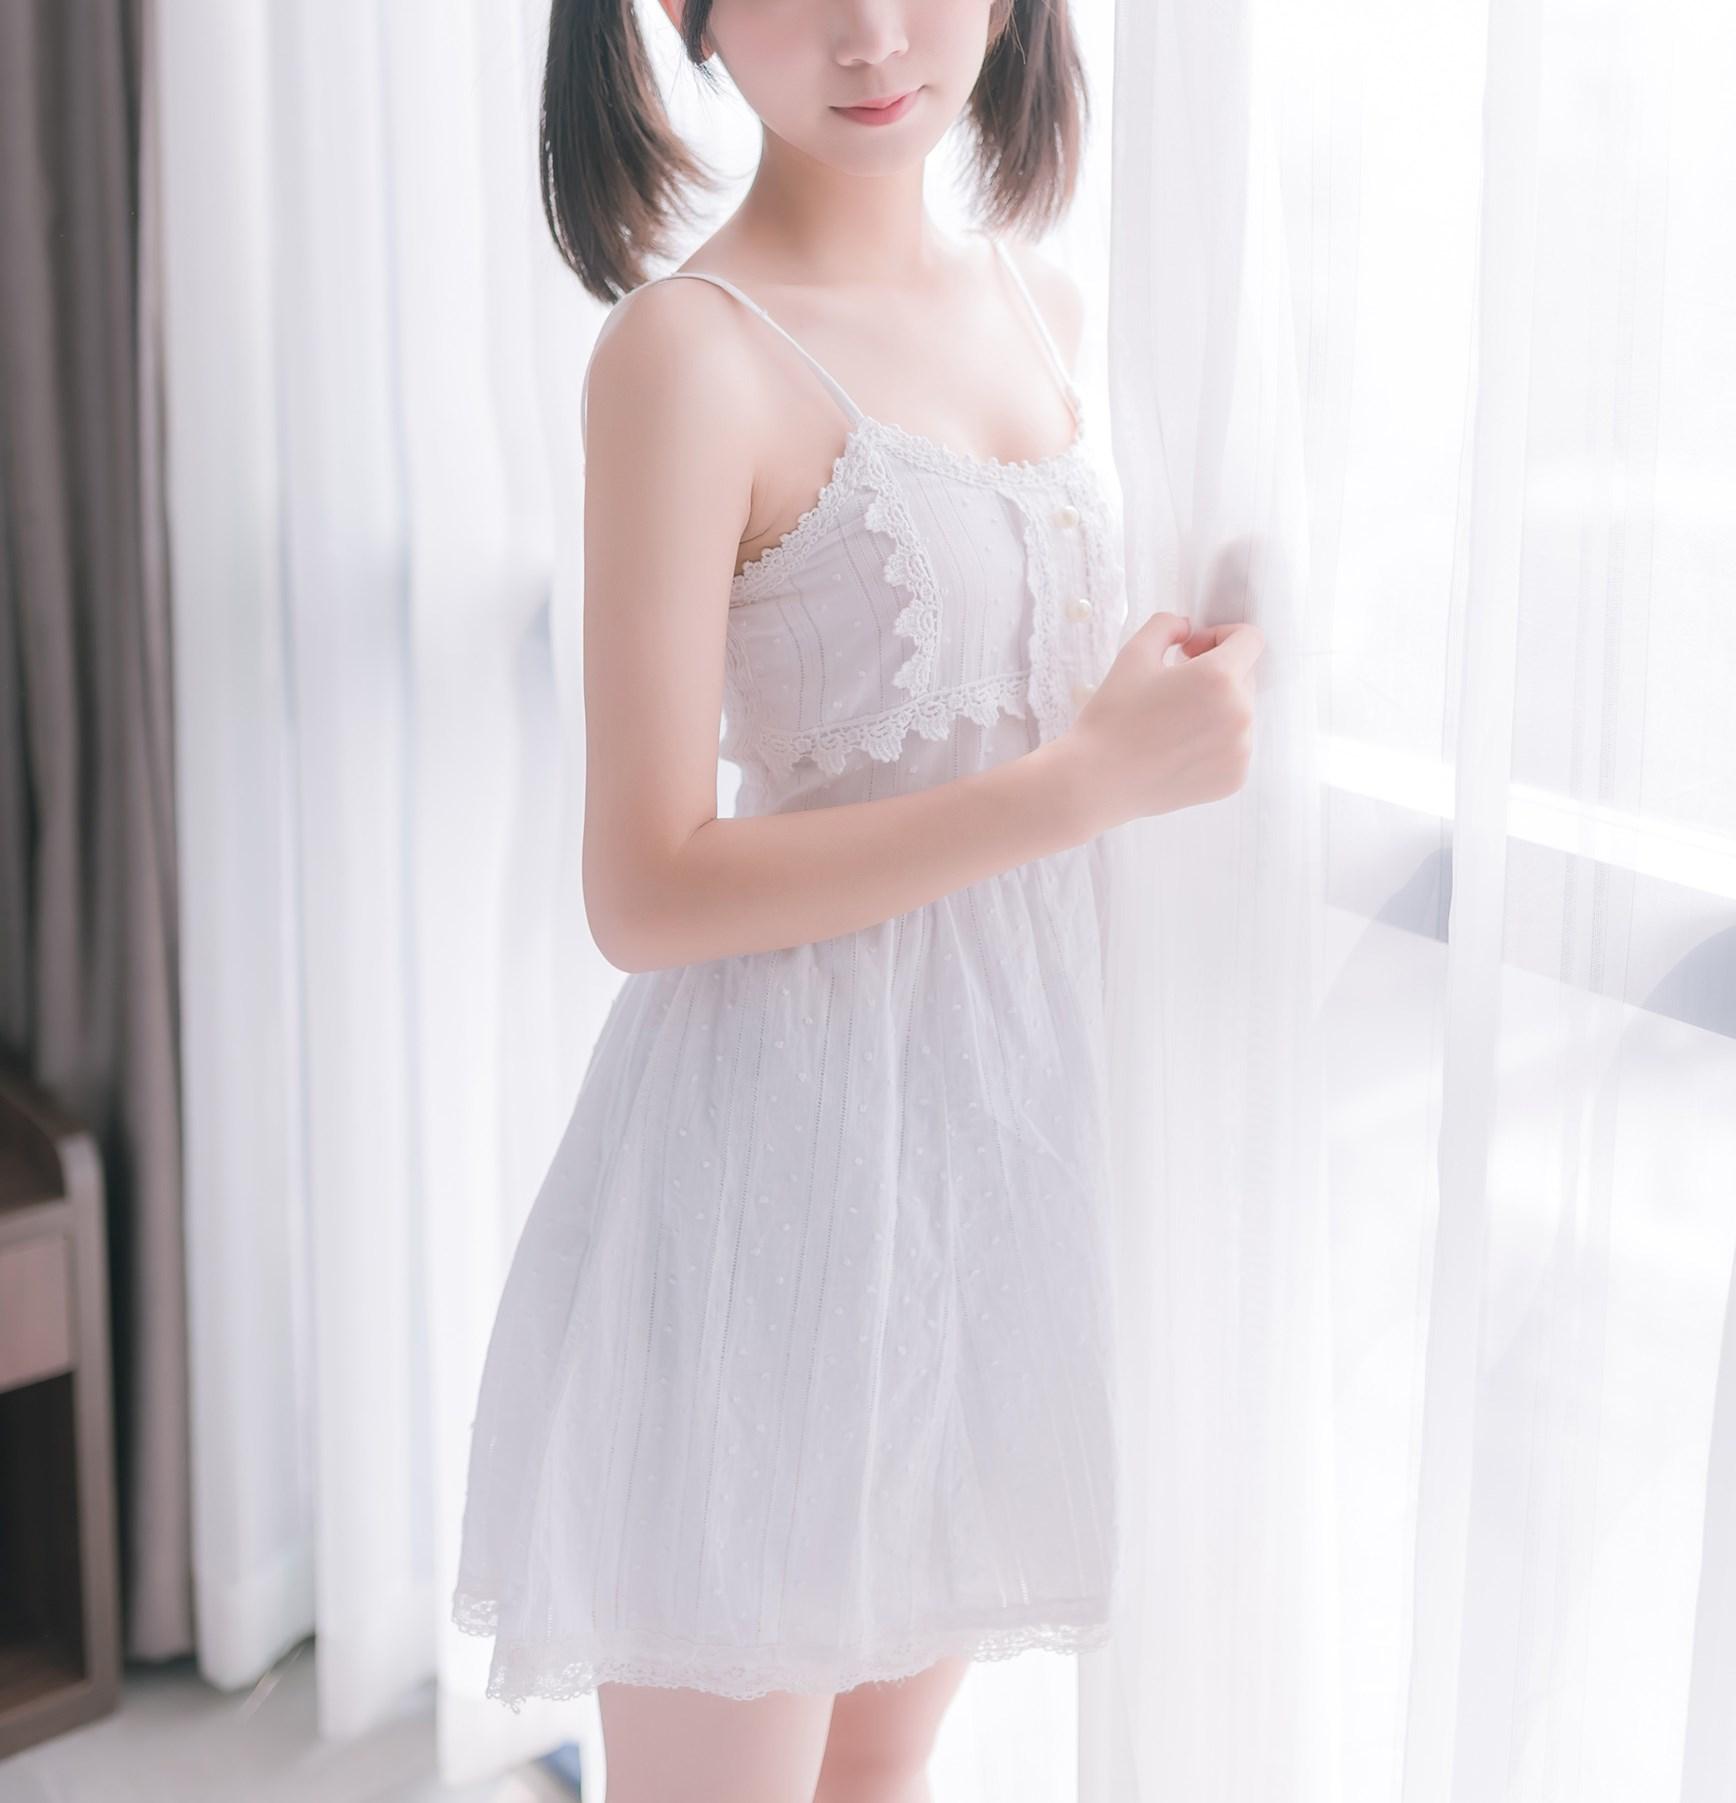 【兔玩映画】白裙双马尾 兔玩映画 第19张